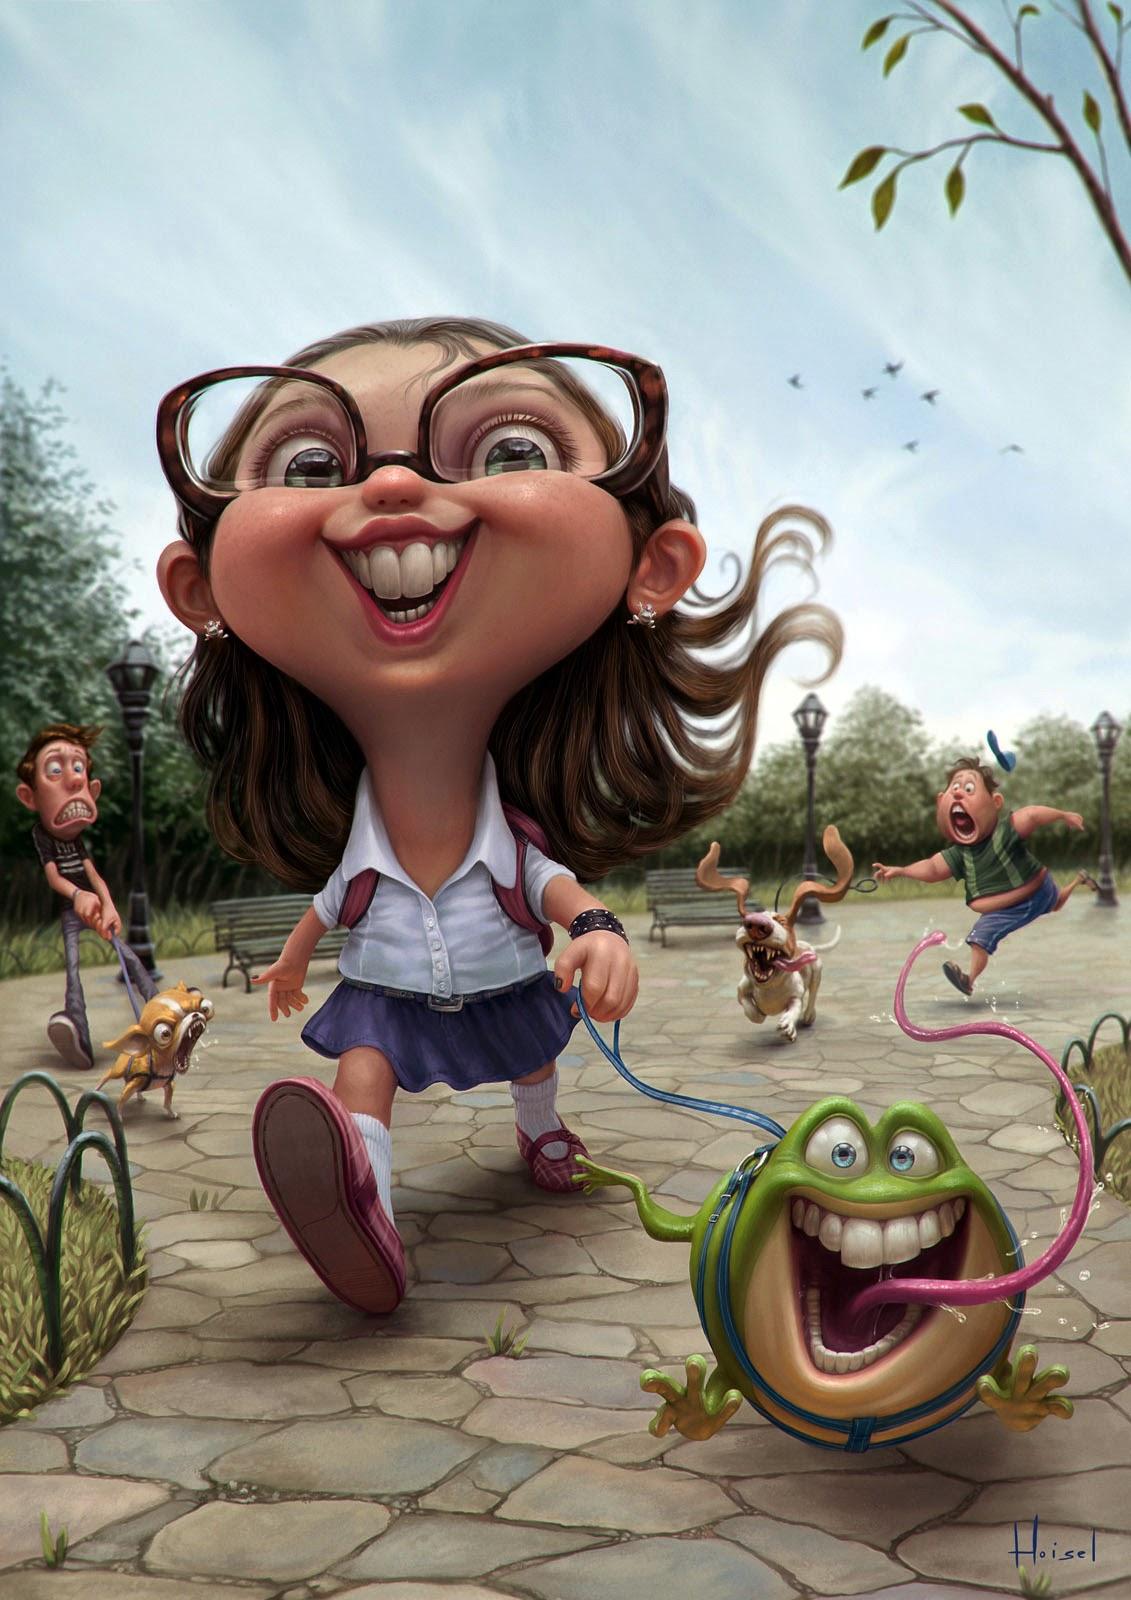 illustration de Tiago Hoisel représentant une petite fille promenant sa grenouille